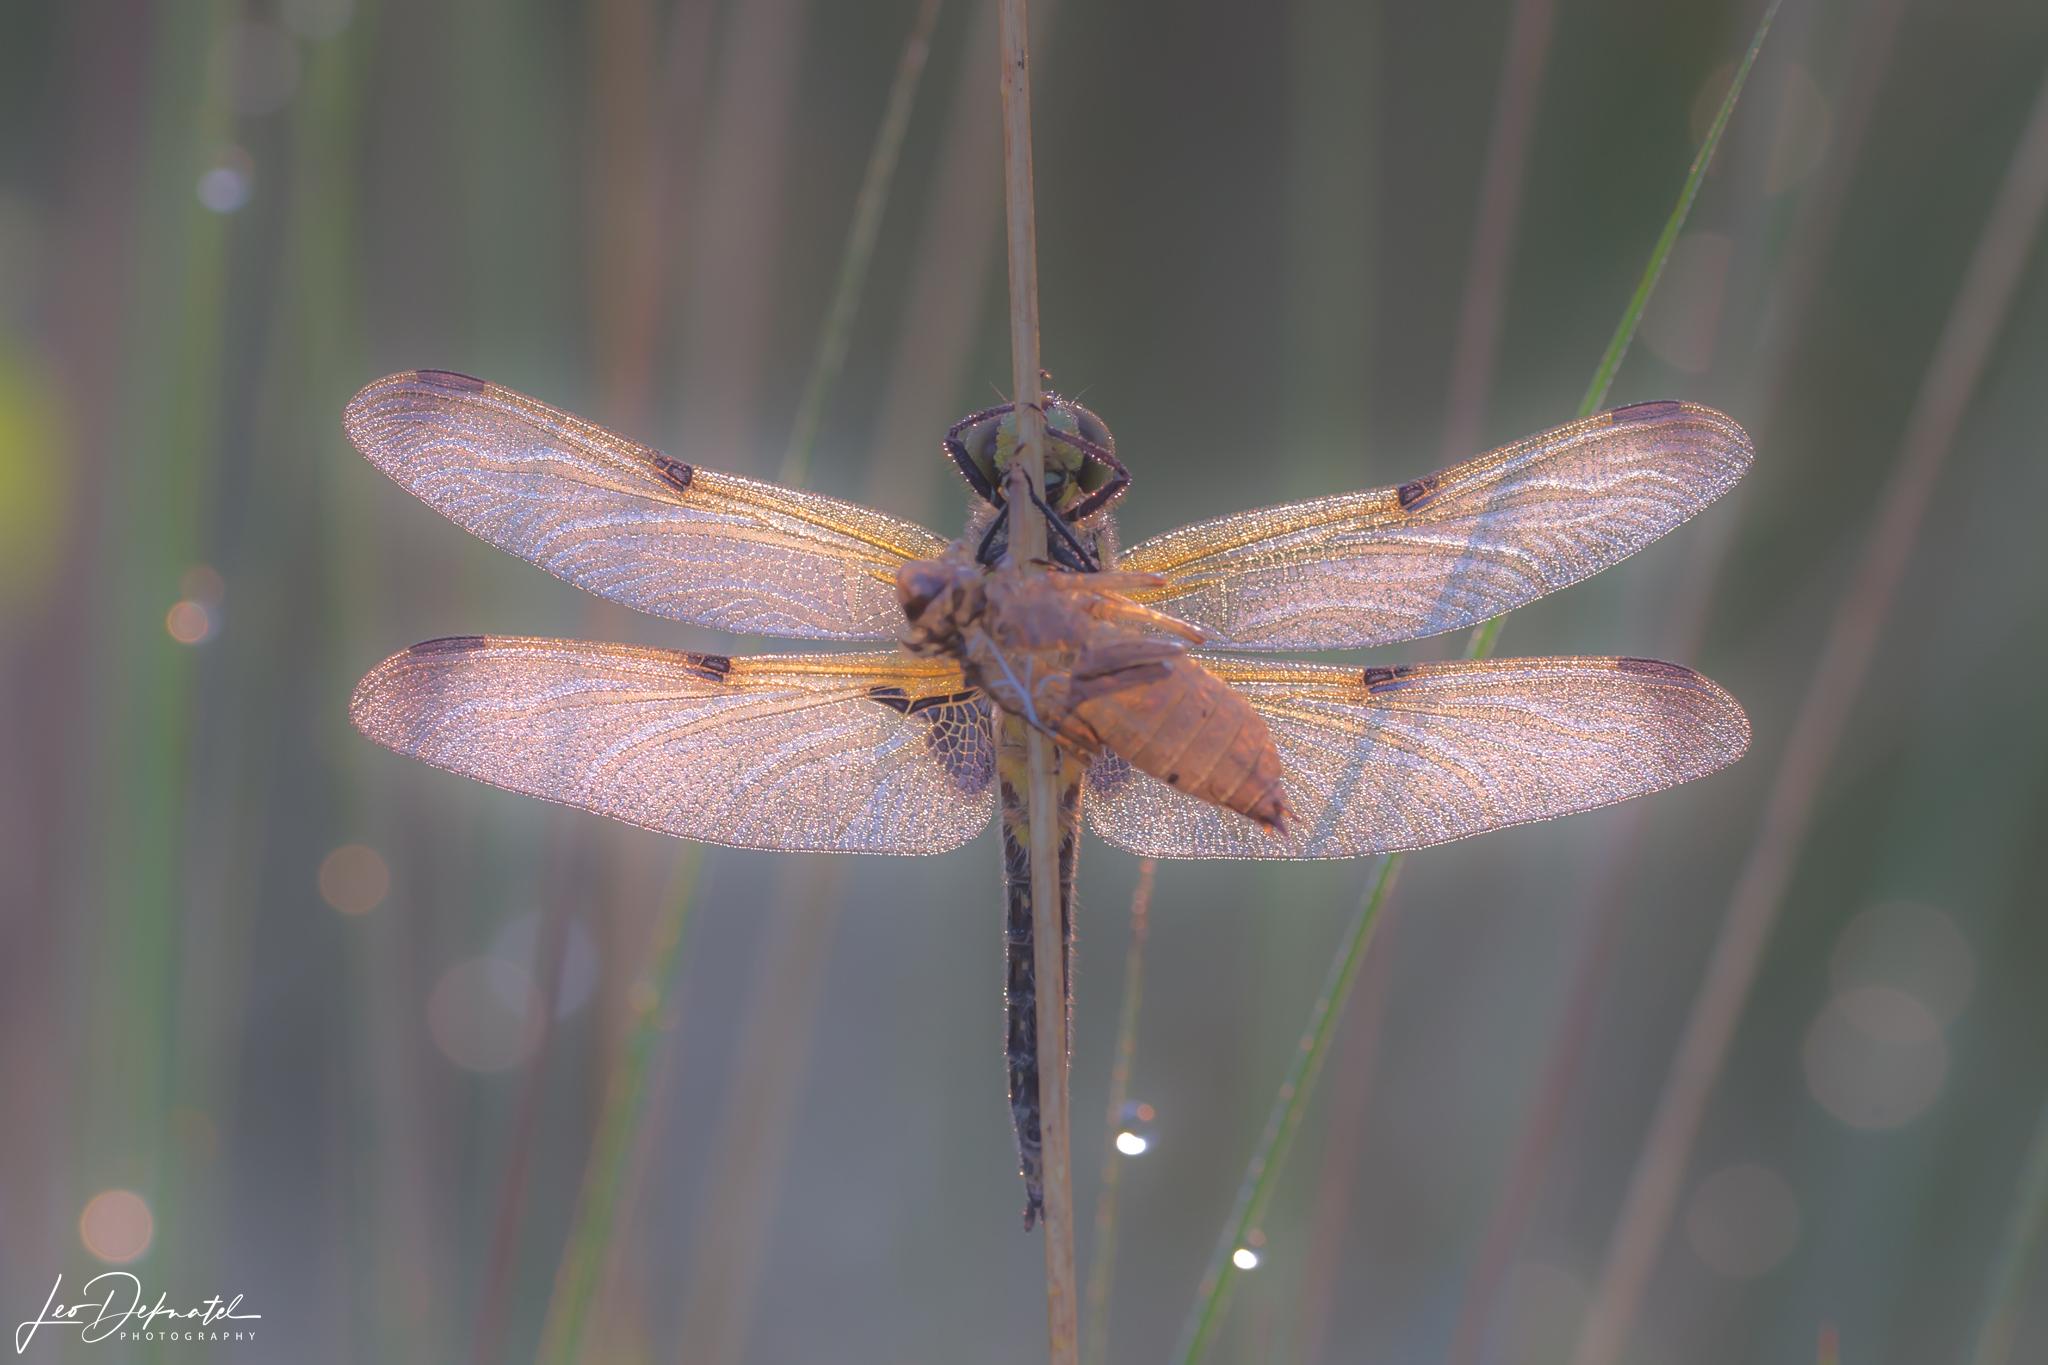 Viervlek met larvehuidje, Libel, Libelle, Libellen, Macro, Macrofotografie, Viervlek, Fotografie, Natuurfotografie, Tegenlicht